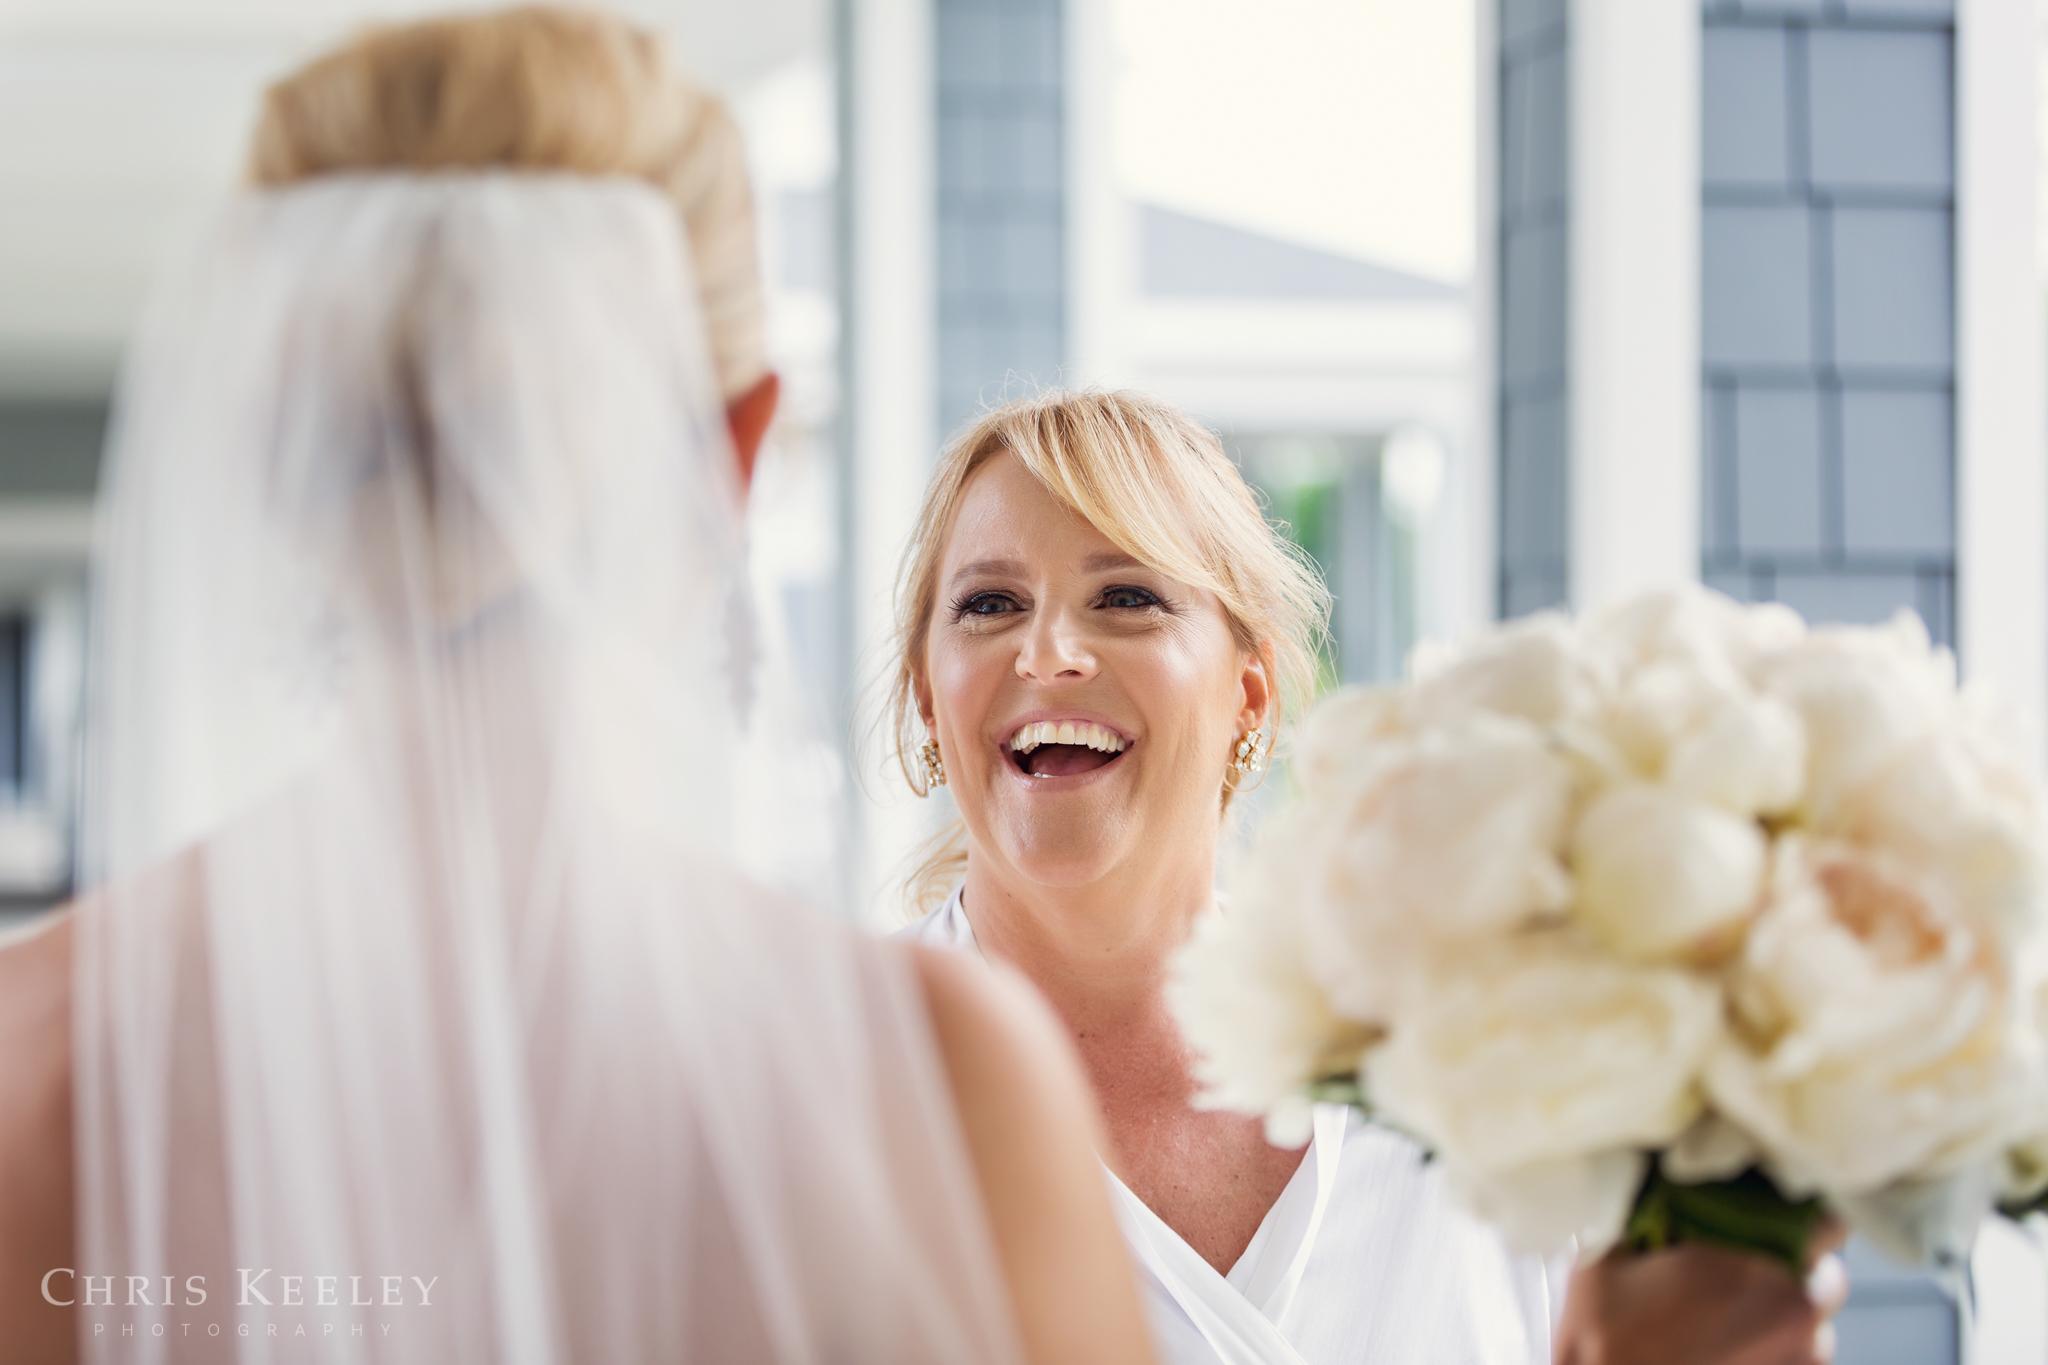 cliff-house-maine-wedding-photographer-chris-keeley-26.jpg